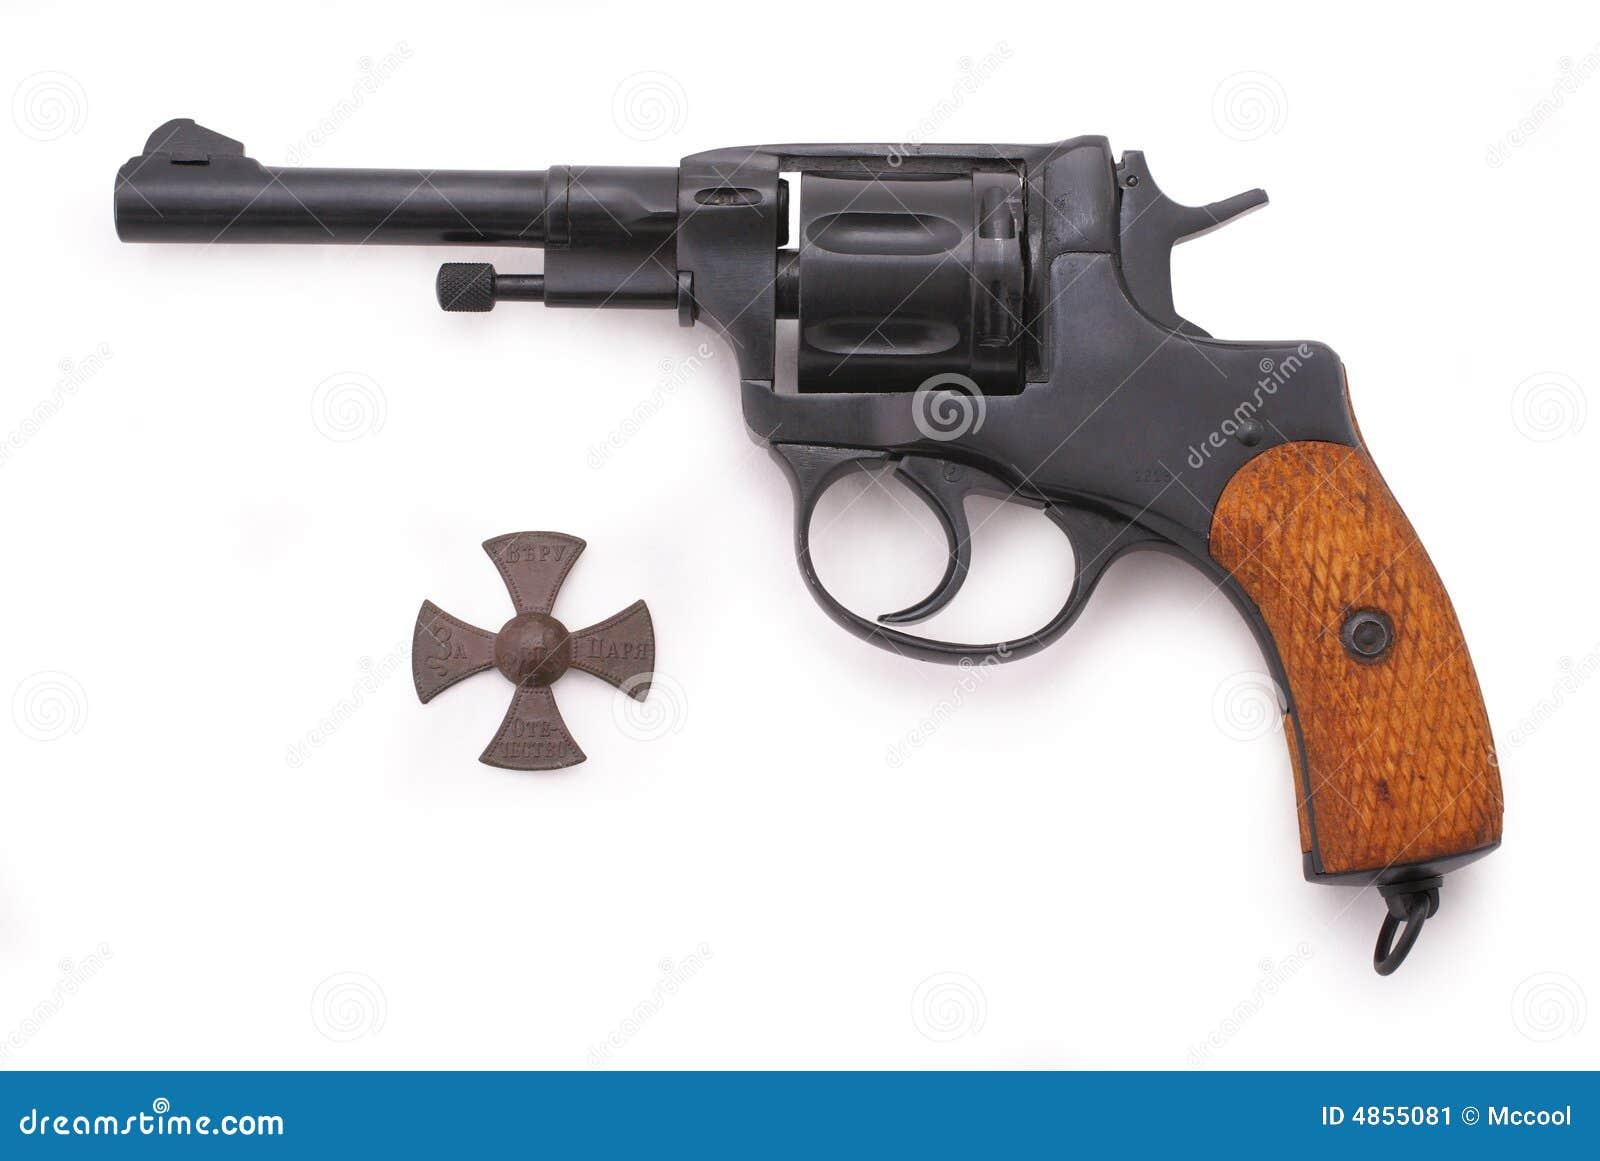 Russian revolver (Nagant M1895 revolver)